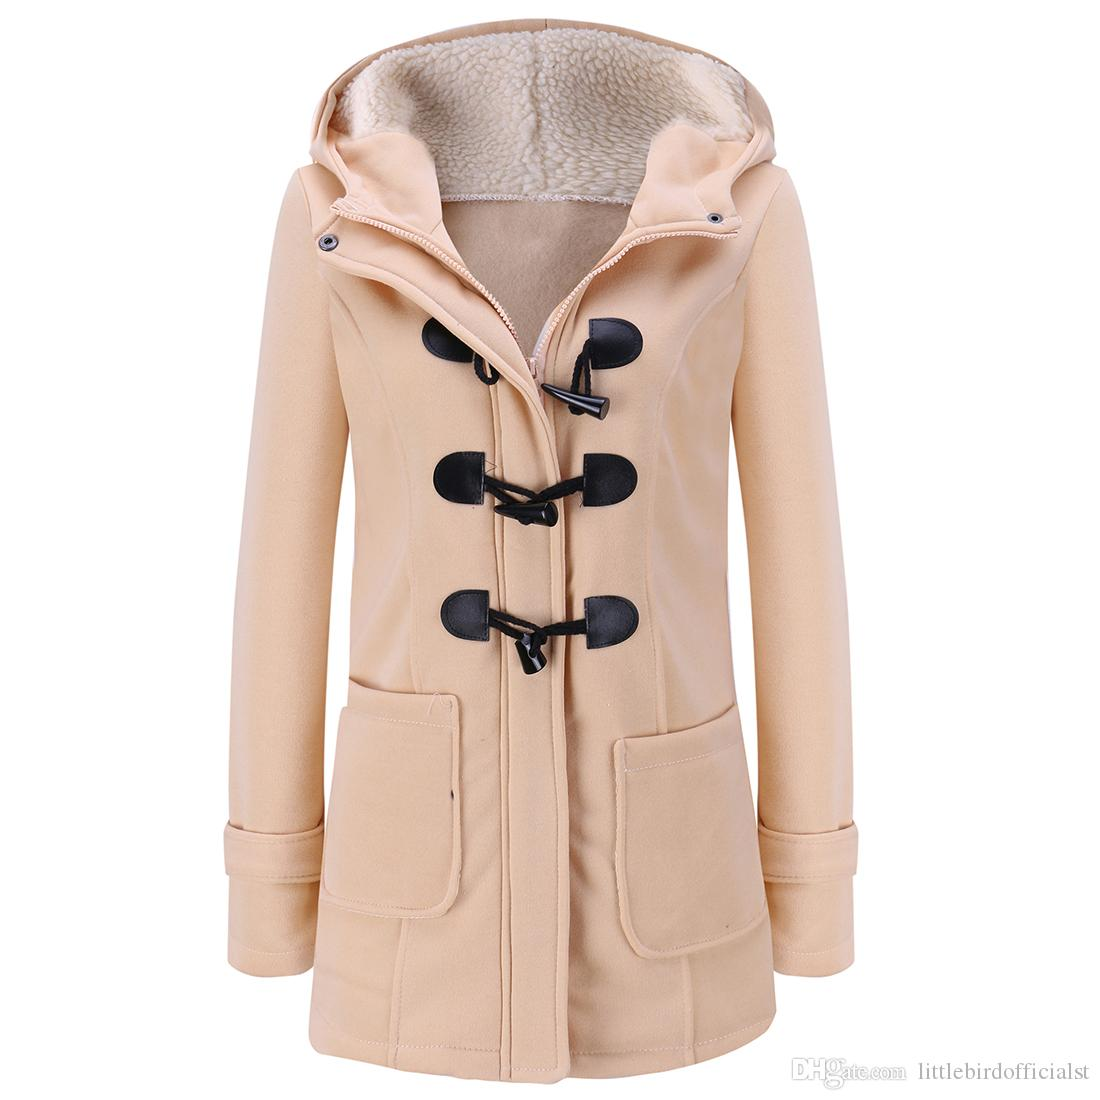 Kadın Bahar Sonbahar Trençkot Uzun Palto Kadın Kapüşonlu Ceket Fermuar Korna Düğme Dış Giyim